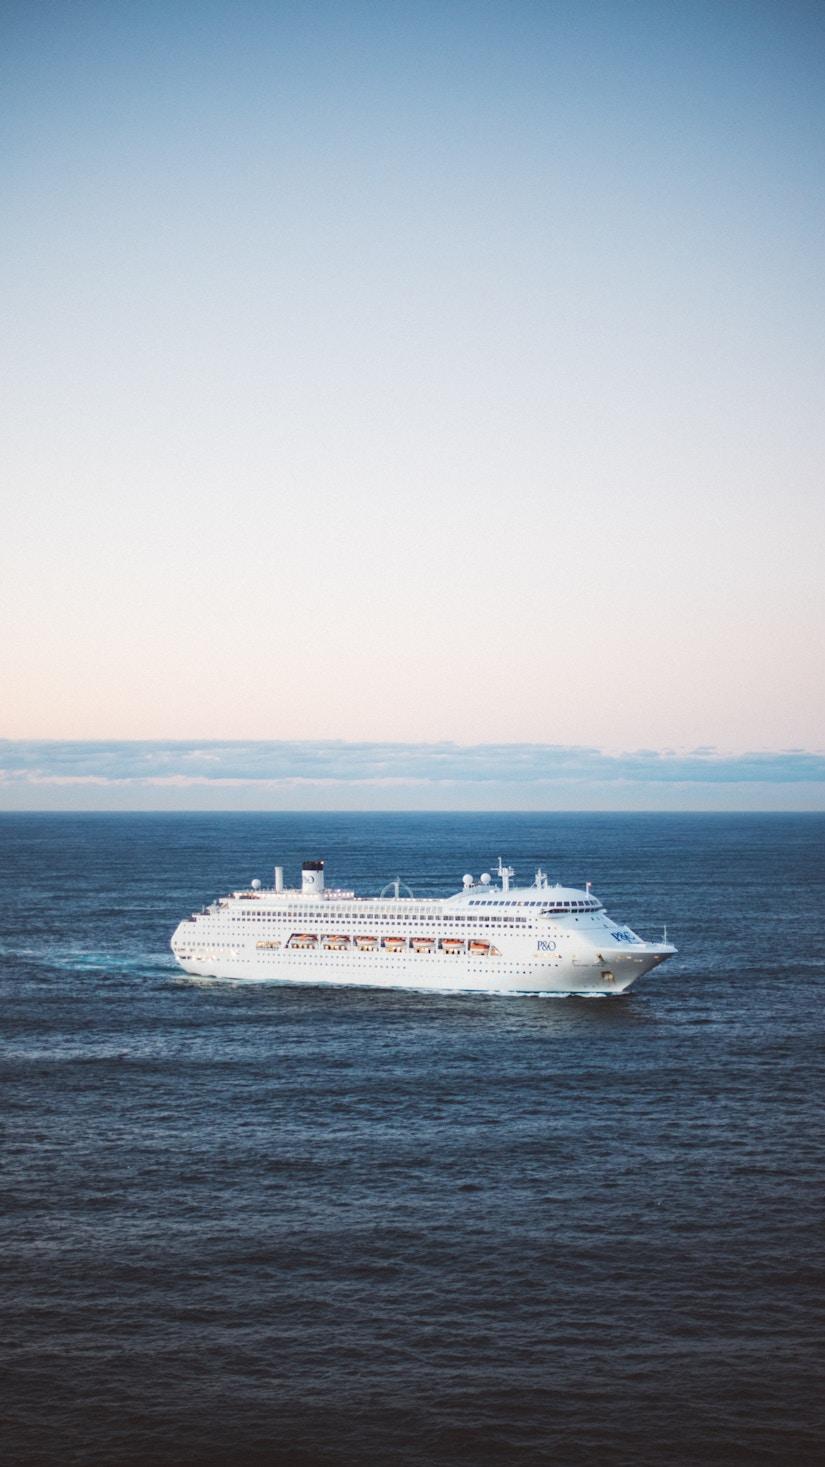 Kreuzfahrtschifft vor Küste